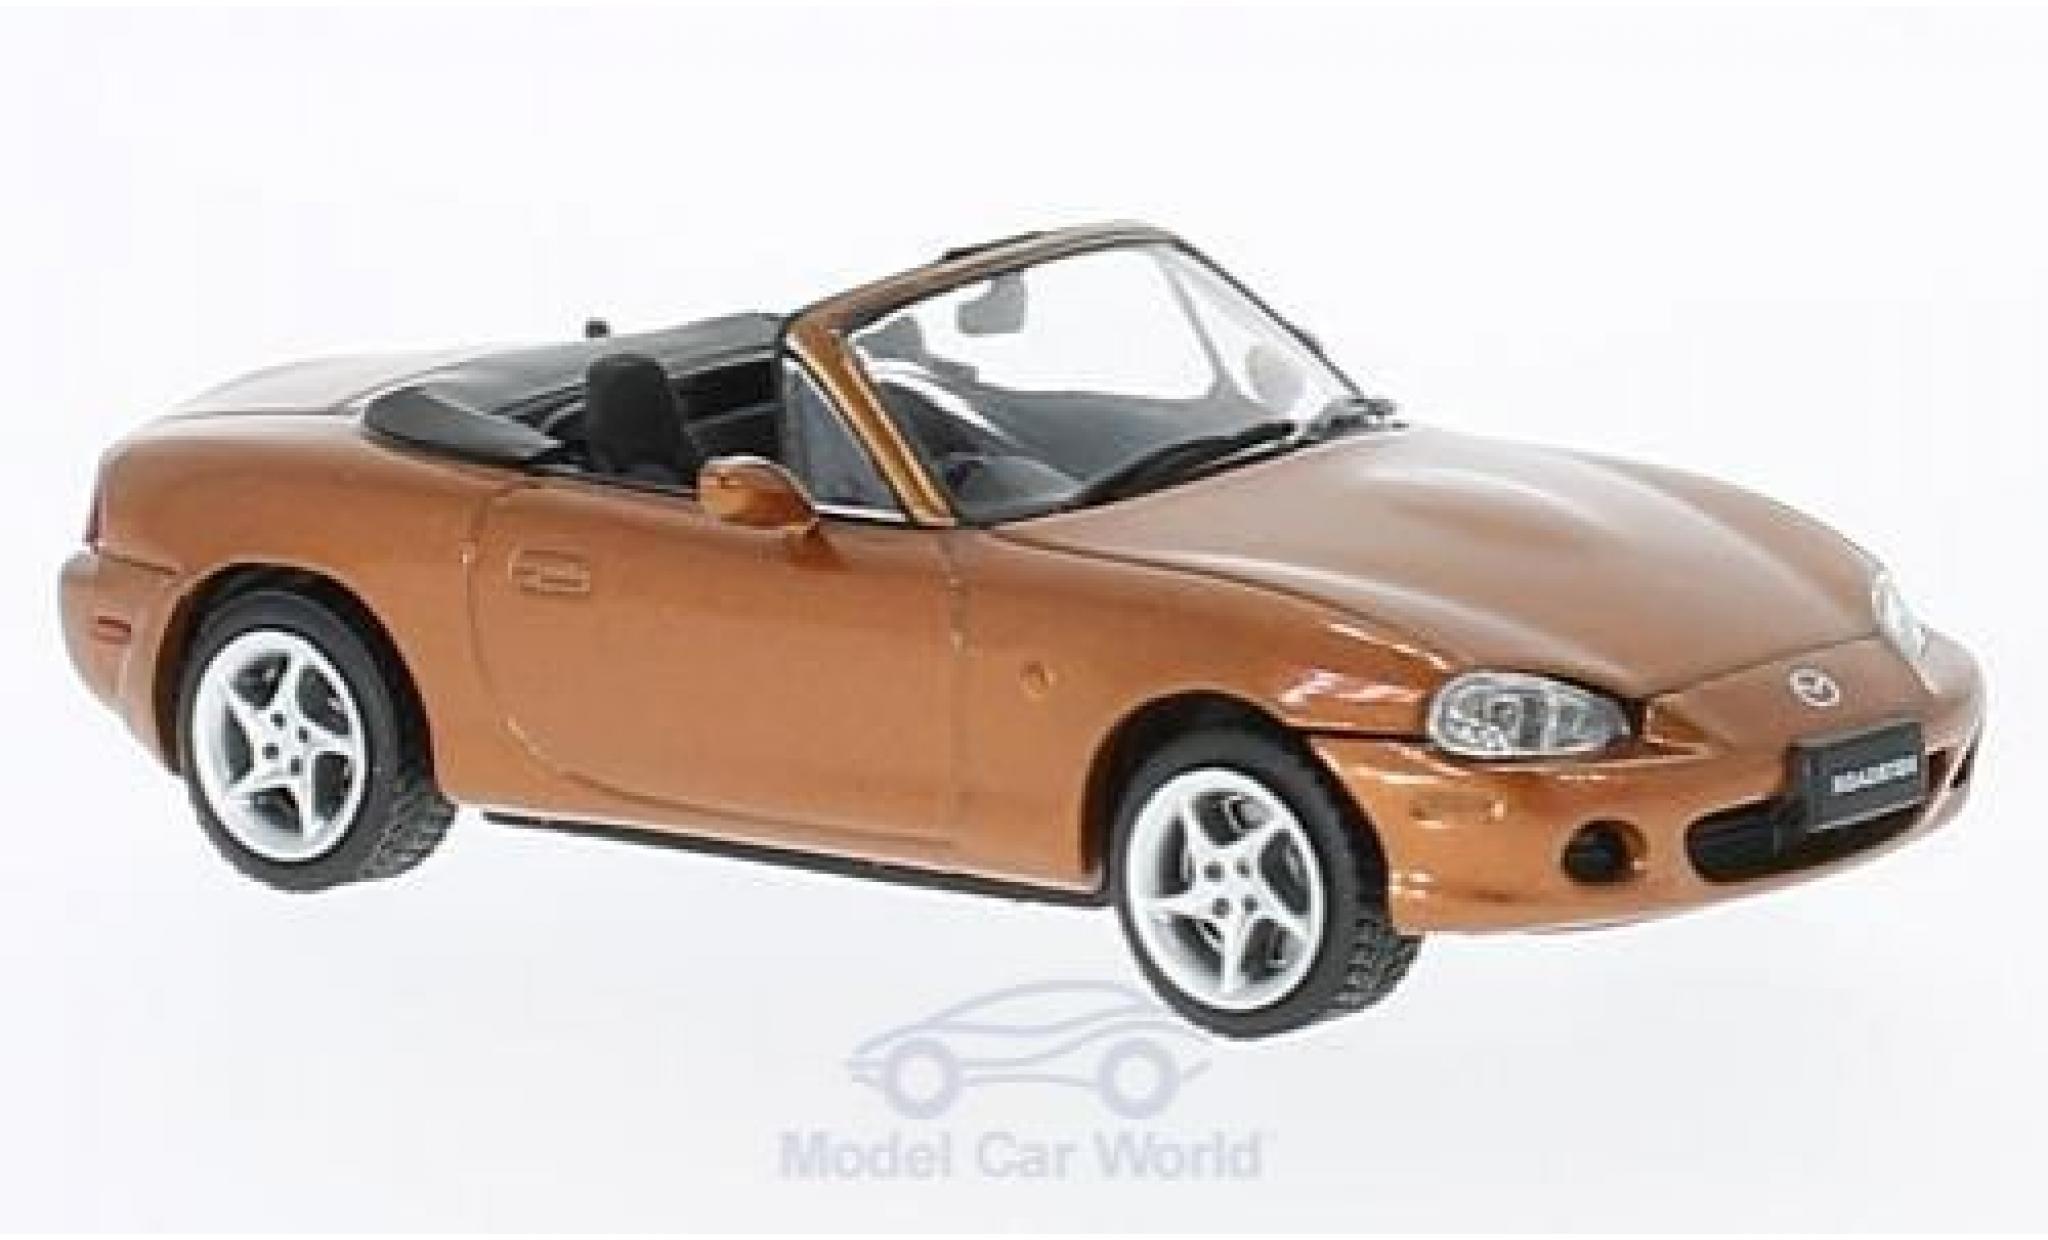 Mazda MX 1/43 First 43 Models -5 Roadster metallic-dunkelorange RHD 2001